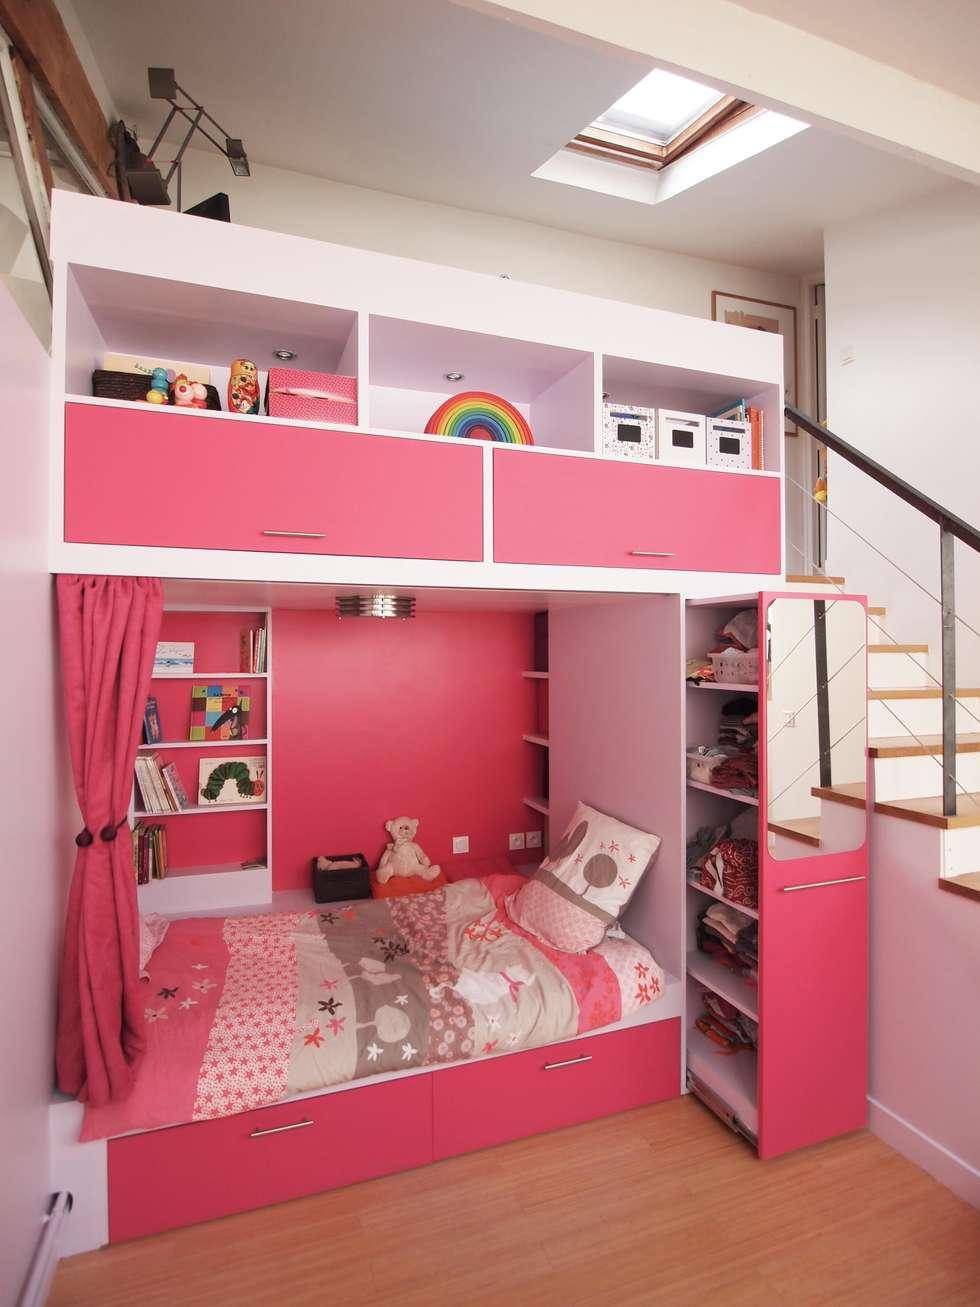 Photos De Chambre D 39 Enfants De Style Appartement Rue Faubourg Du Temple Paris 10e Sur Homify